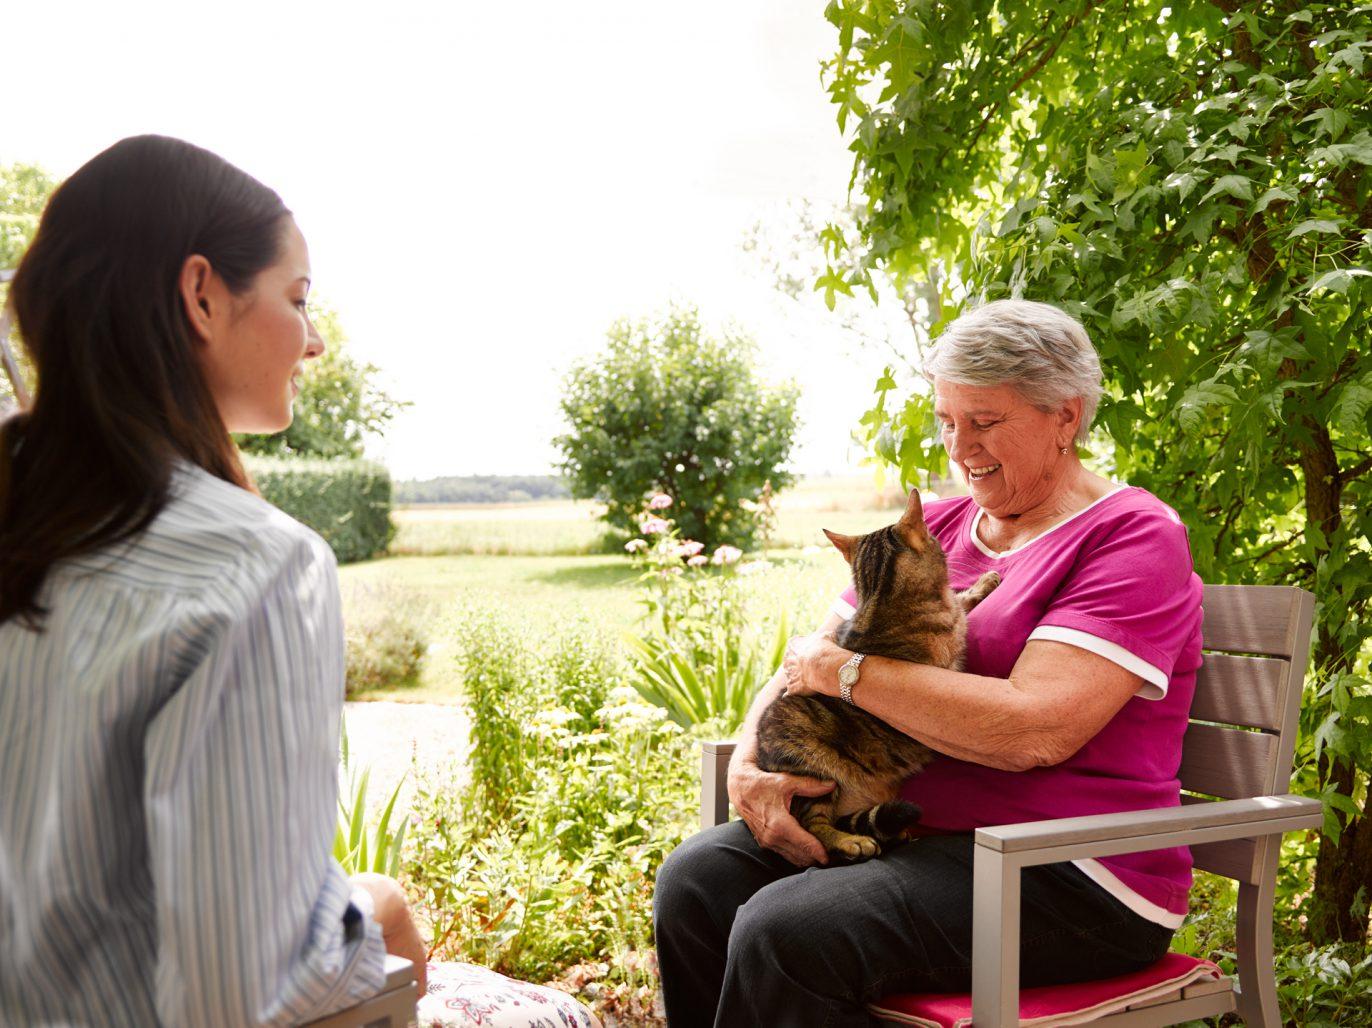 Ältere Dame mit Katze im Garten.